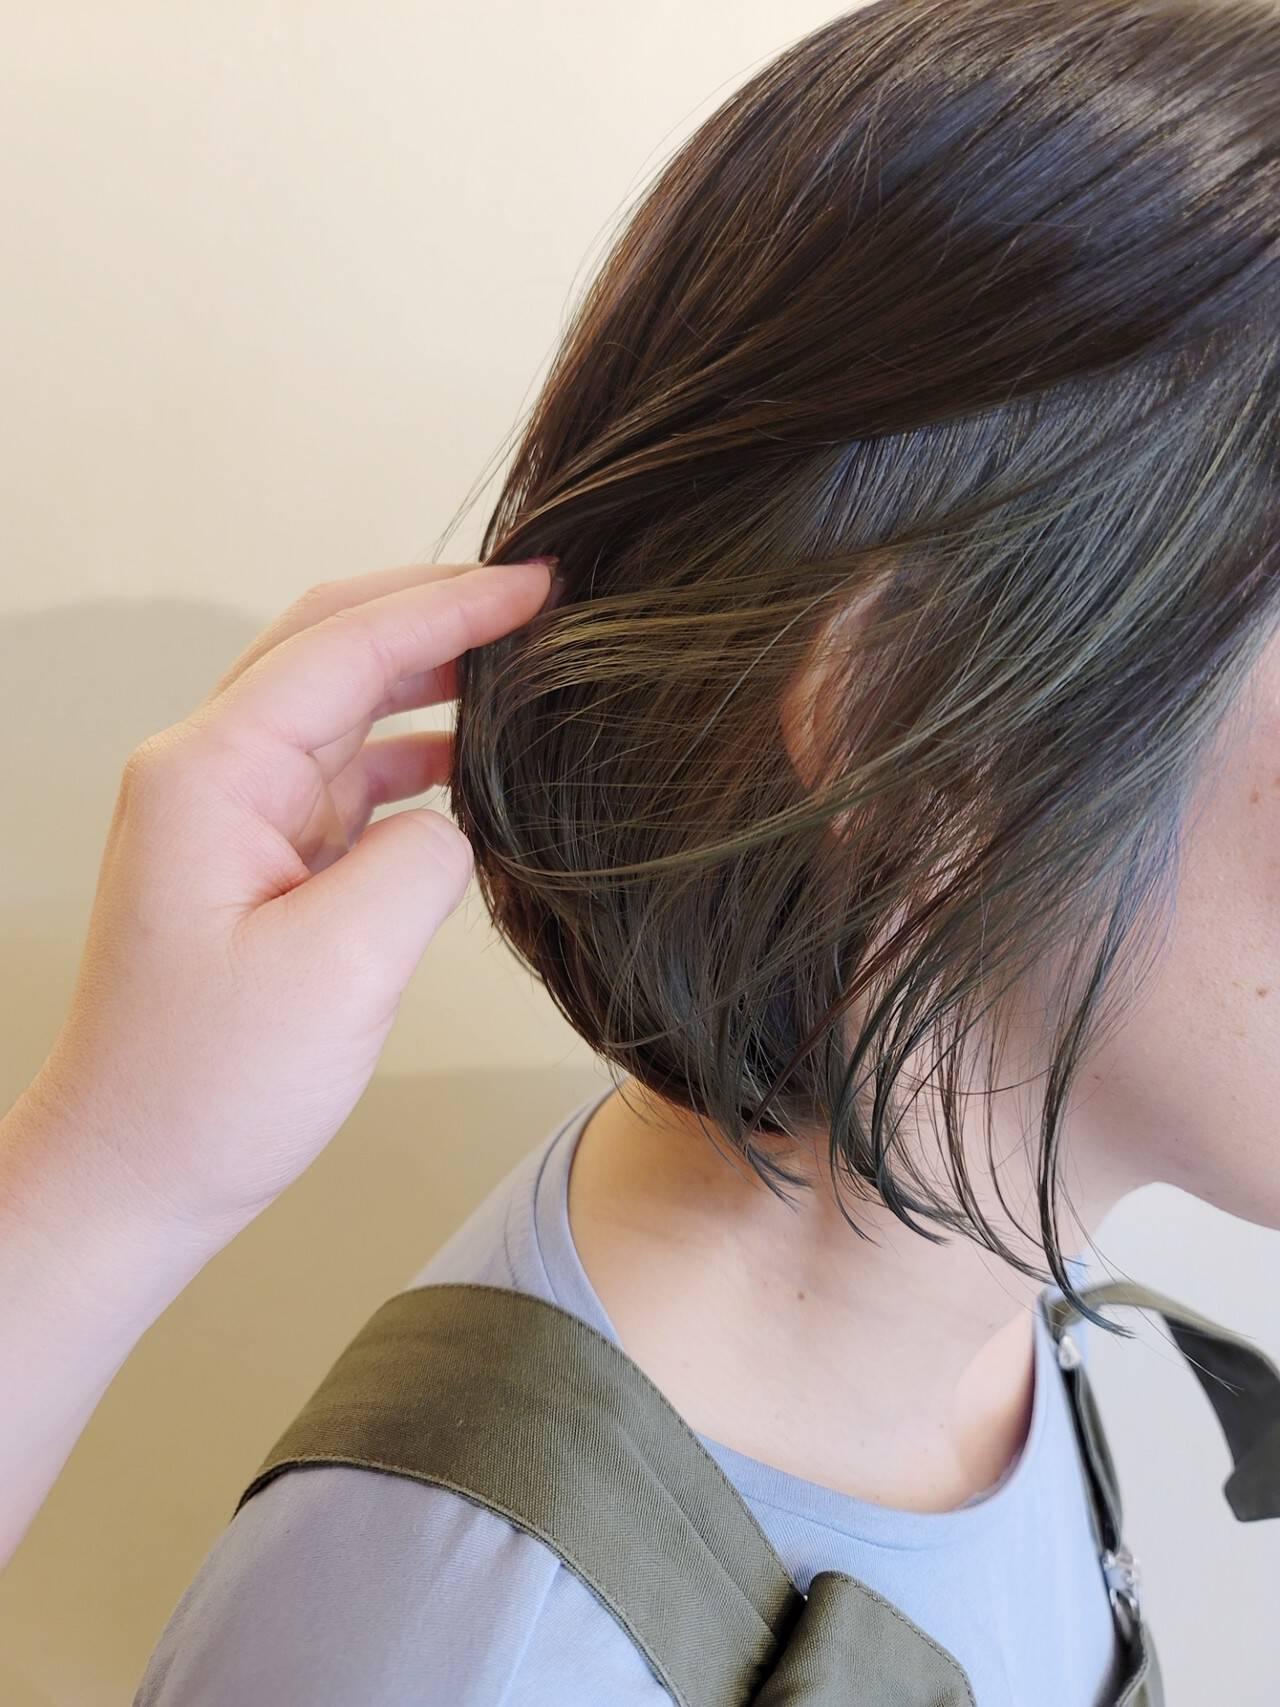 デザインカラー ショートボブ ボブ ハイライトヘアスタイルや髪型の写真・画像